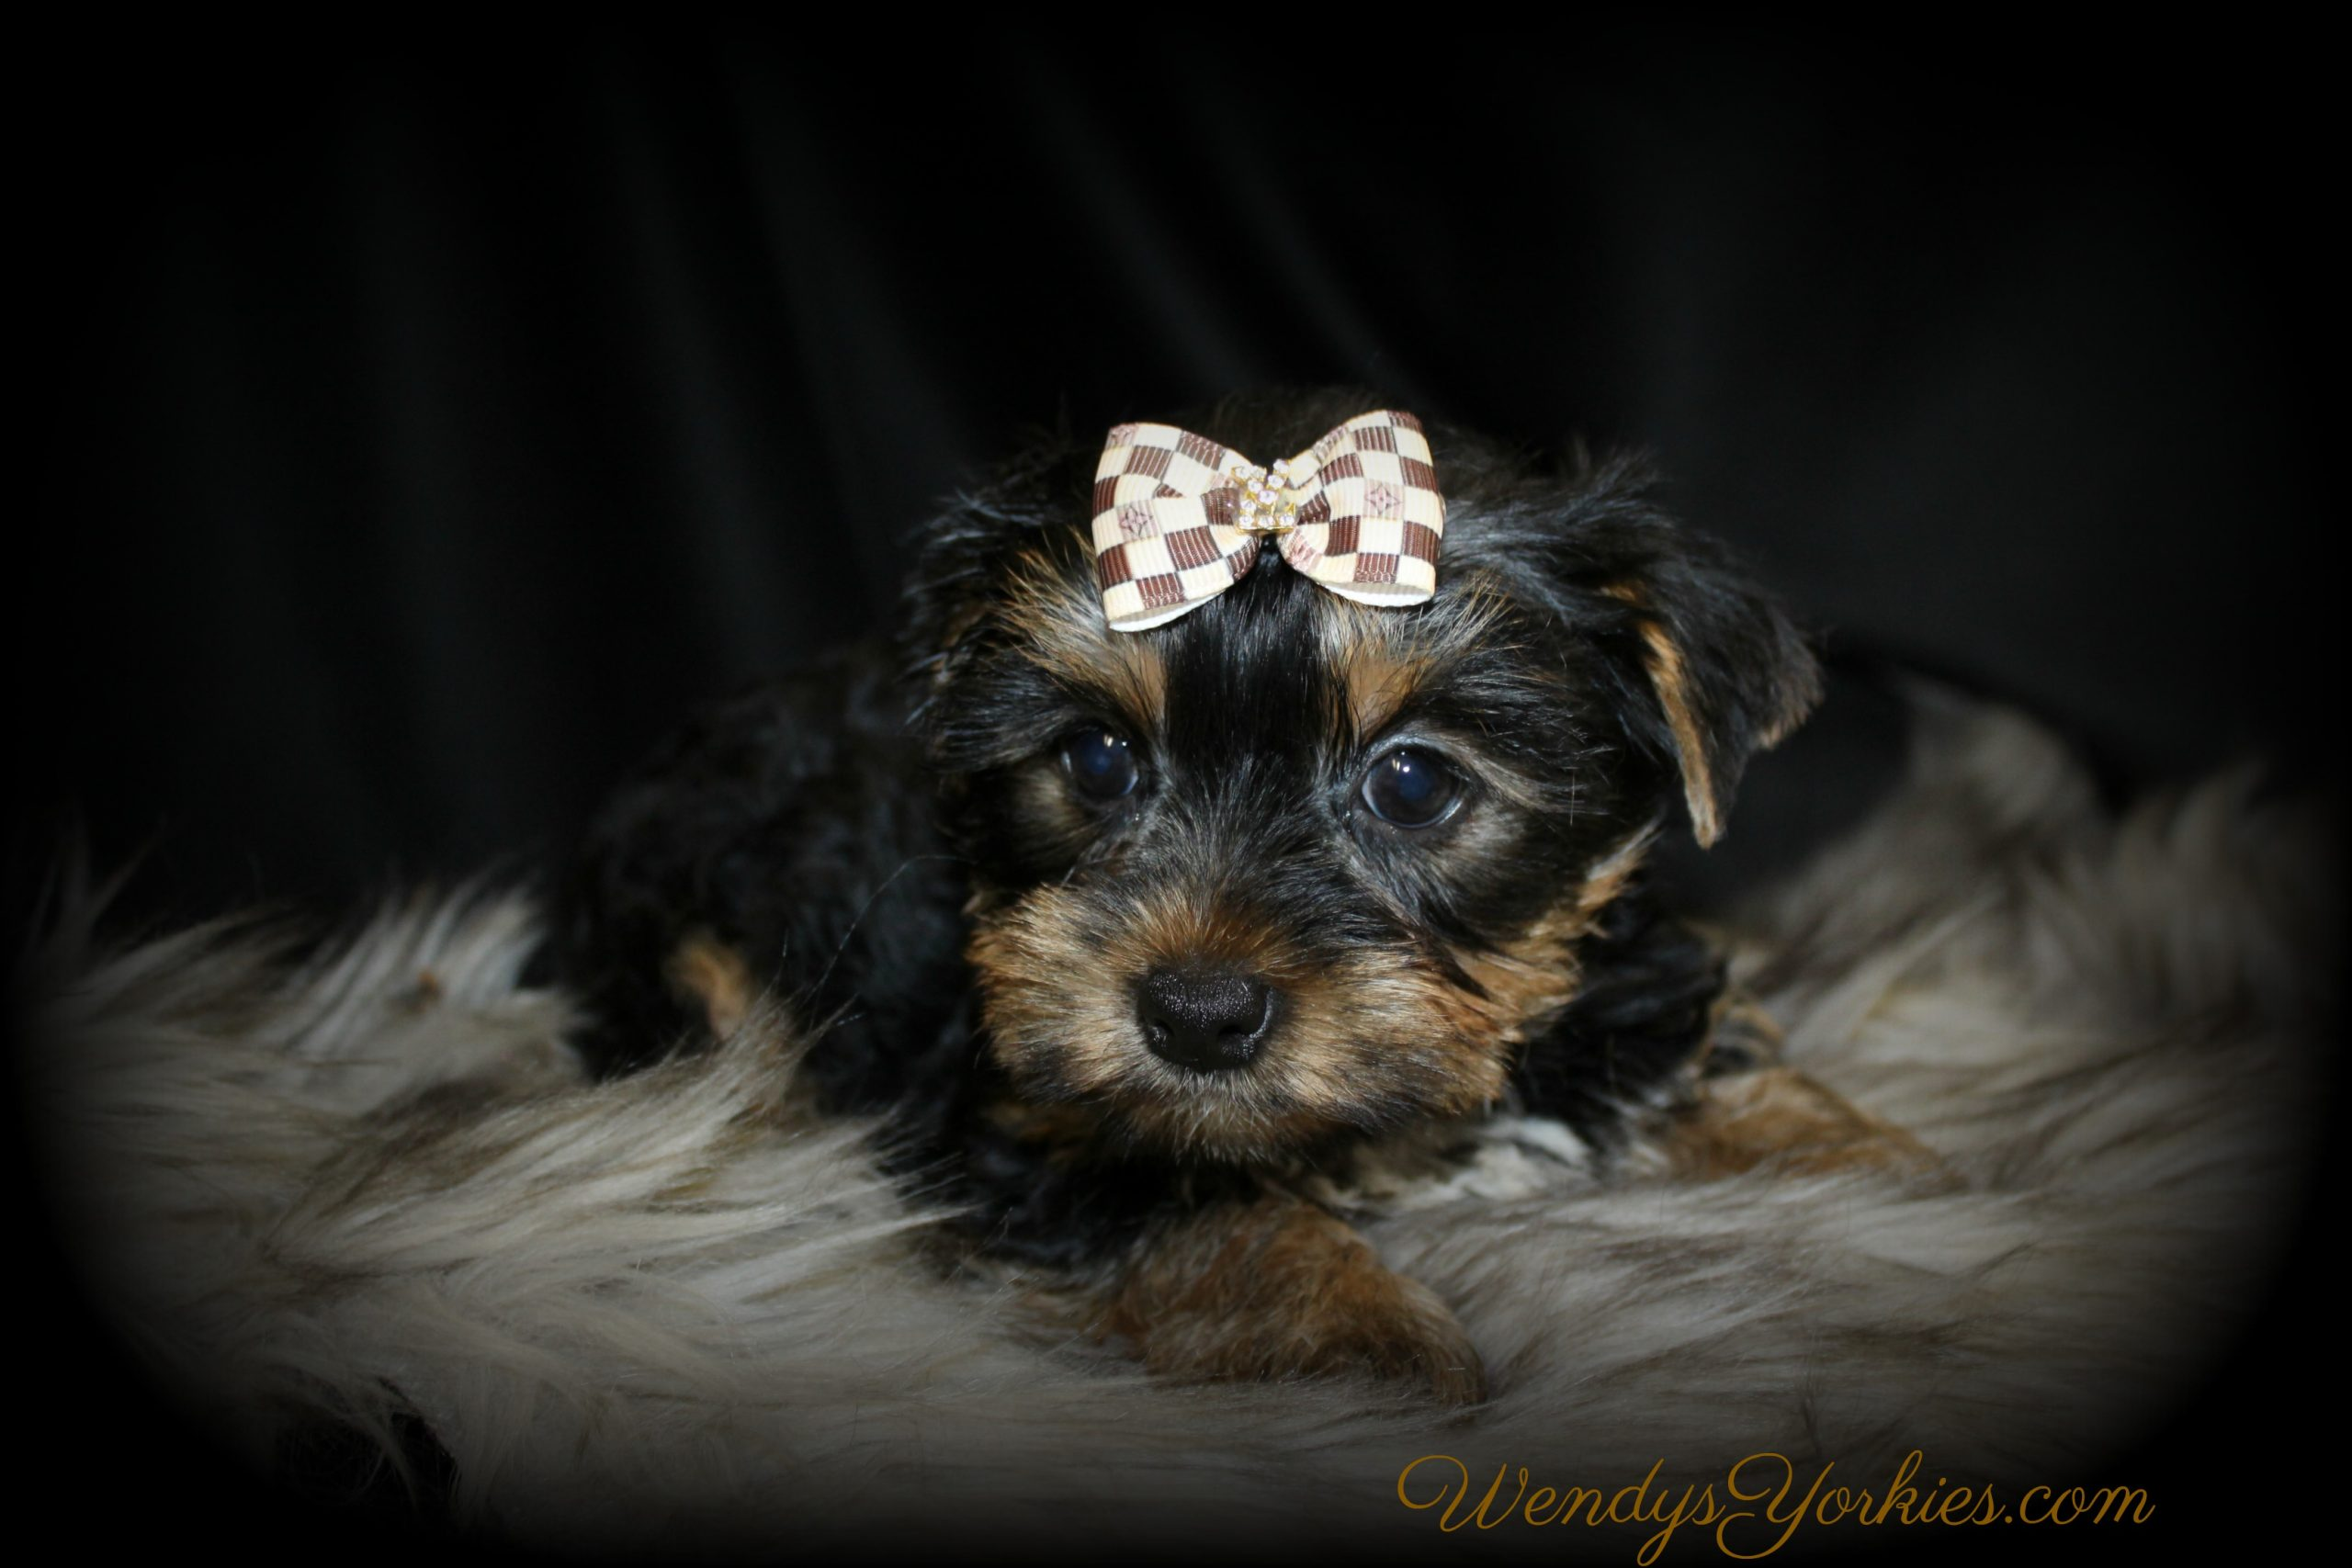 Oakley, WendysYorkies.com